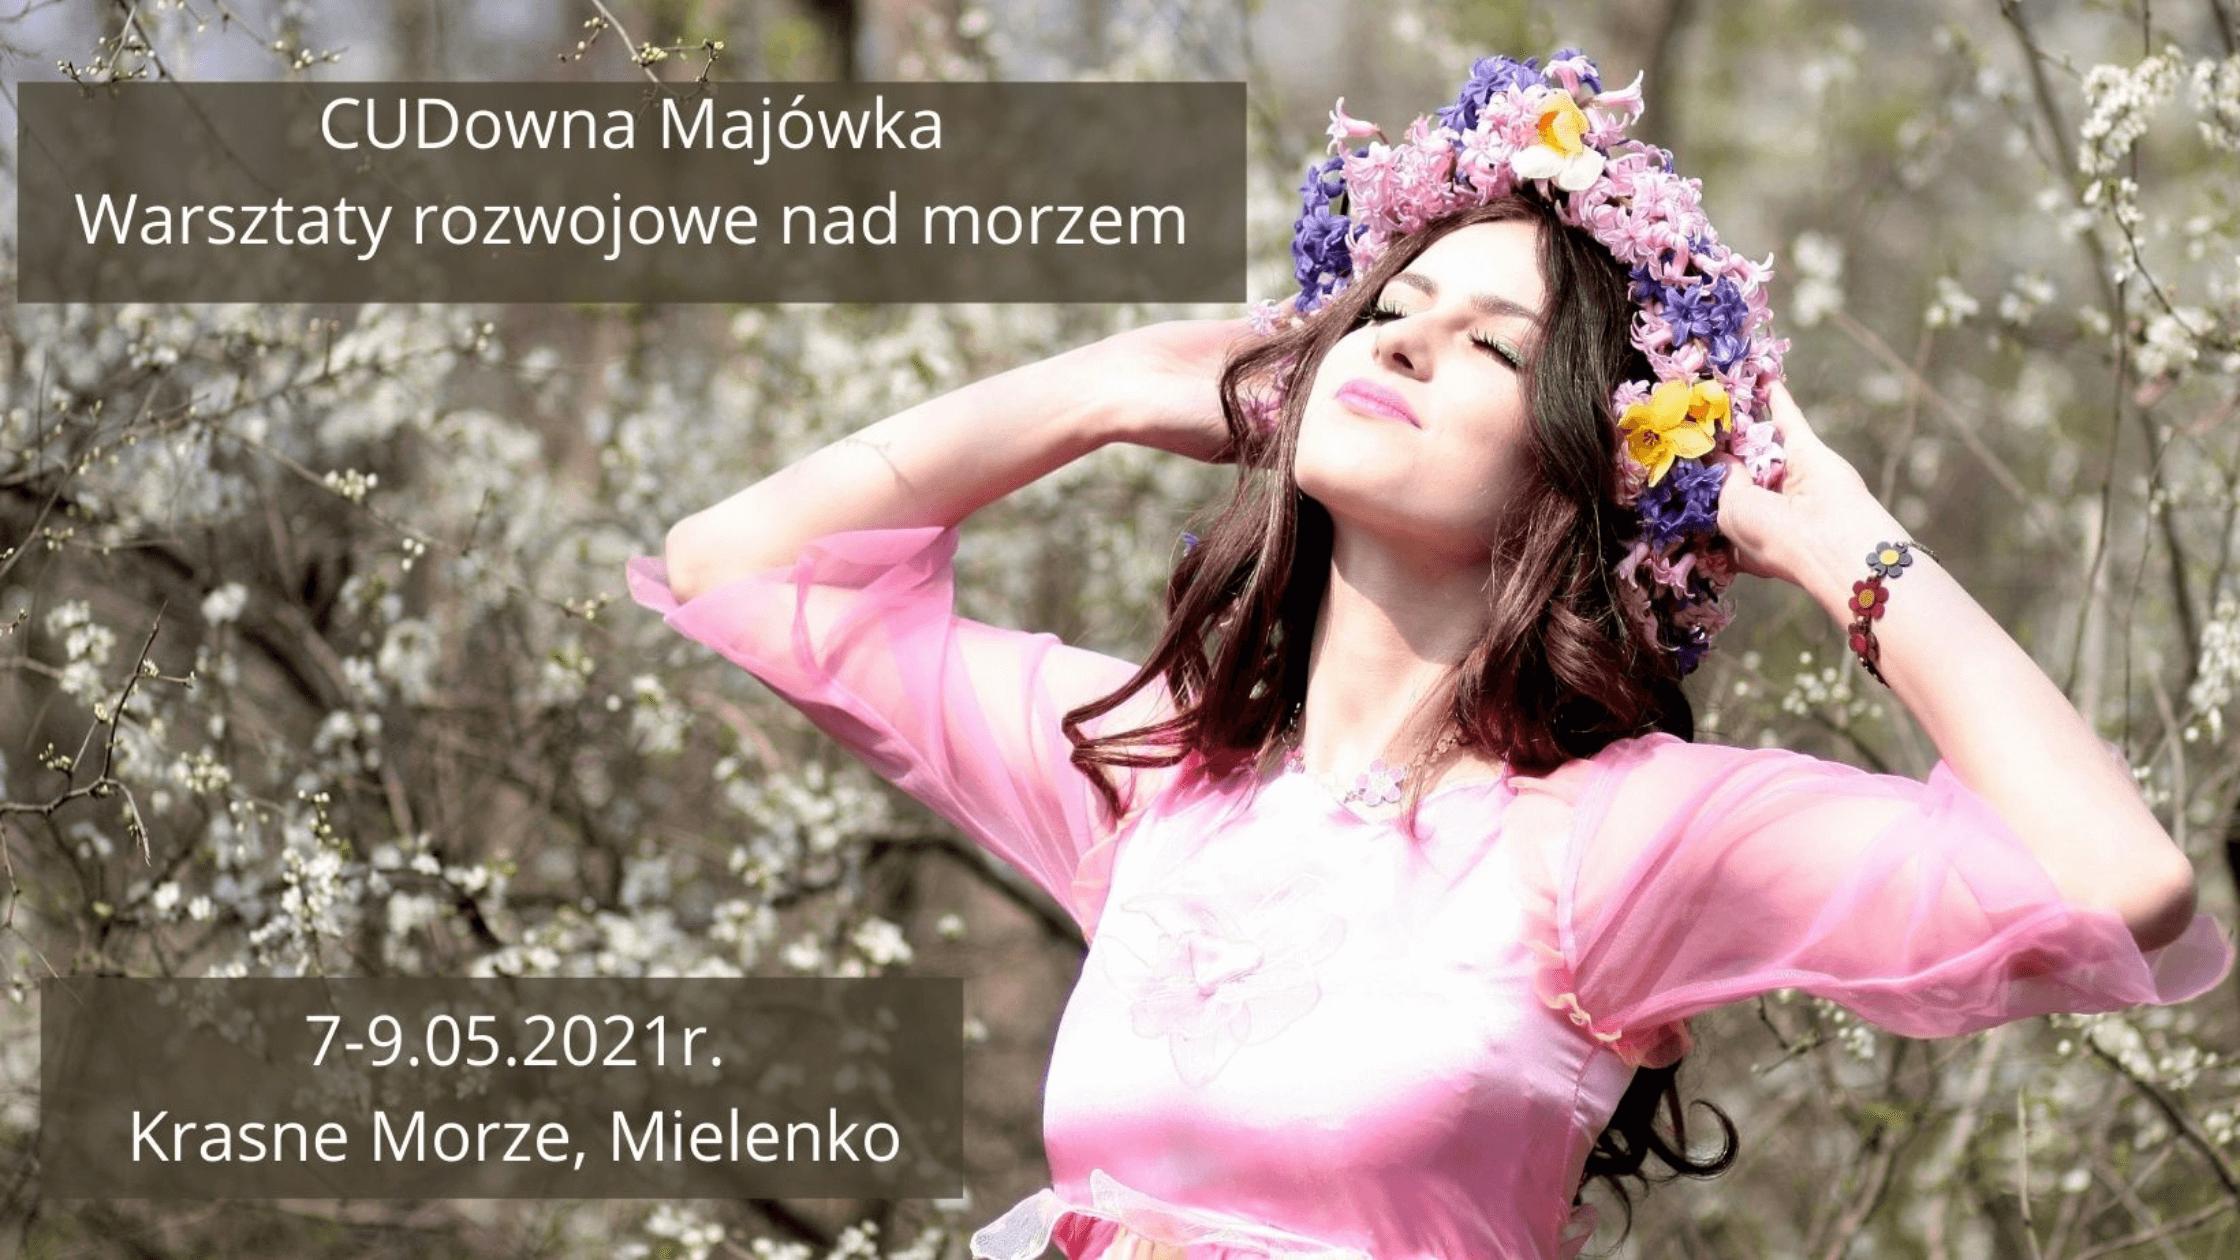 Zapowiedź CUDownej Majówki -3 dniowych warsztatów Ajurwedy nad morzem. – Vita Daneluk, Justyna Wojciechowska